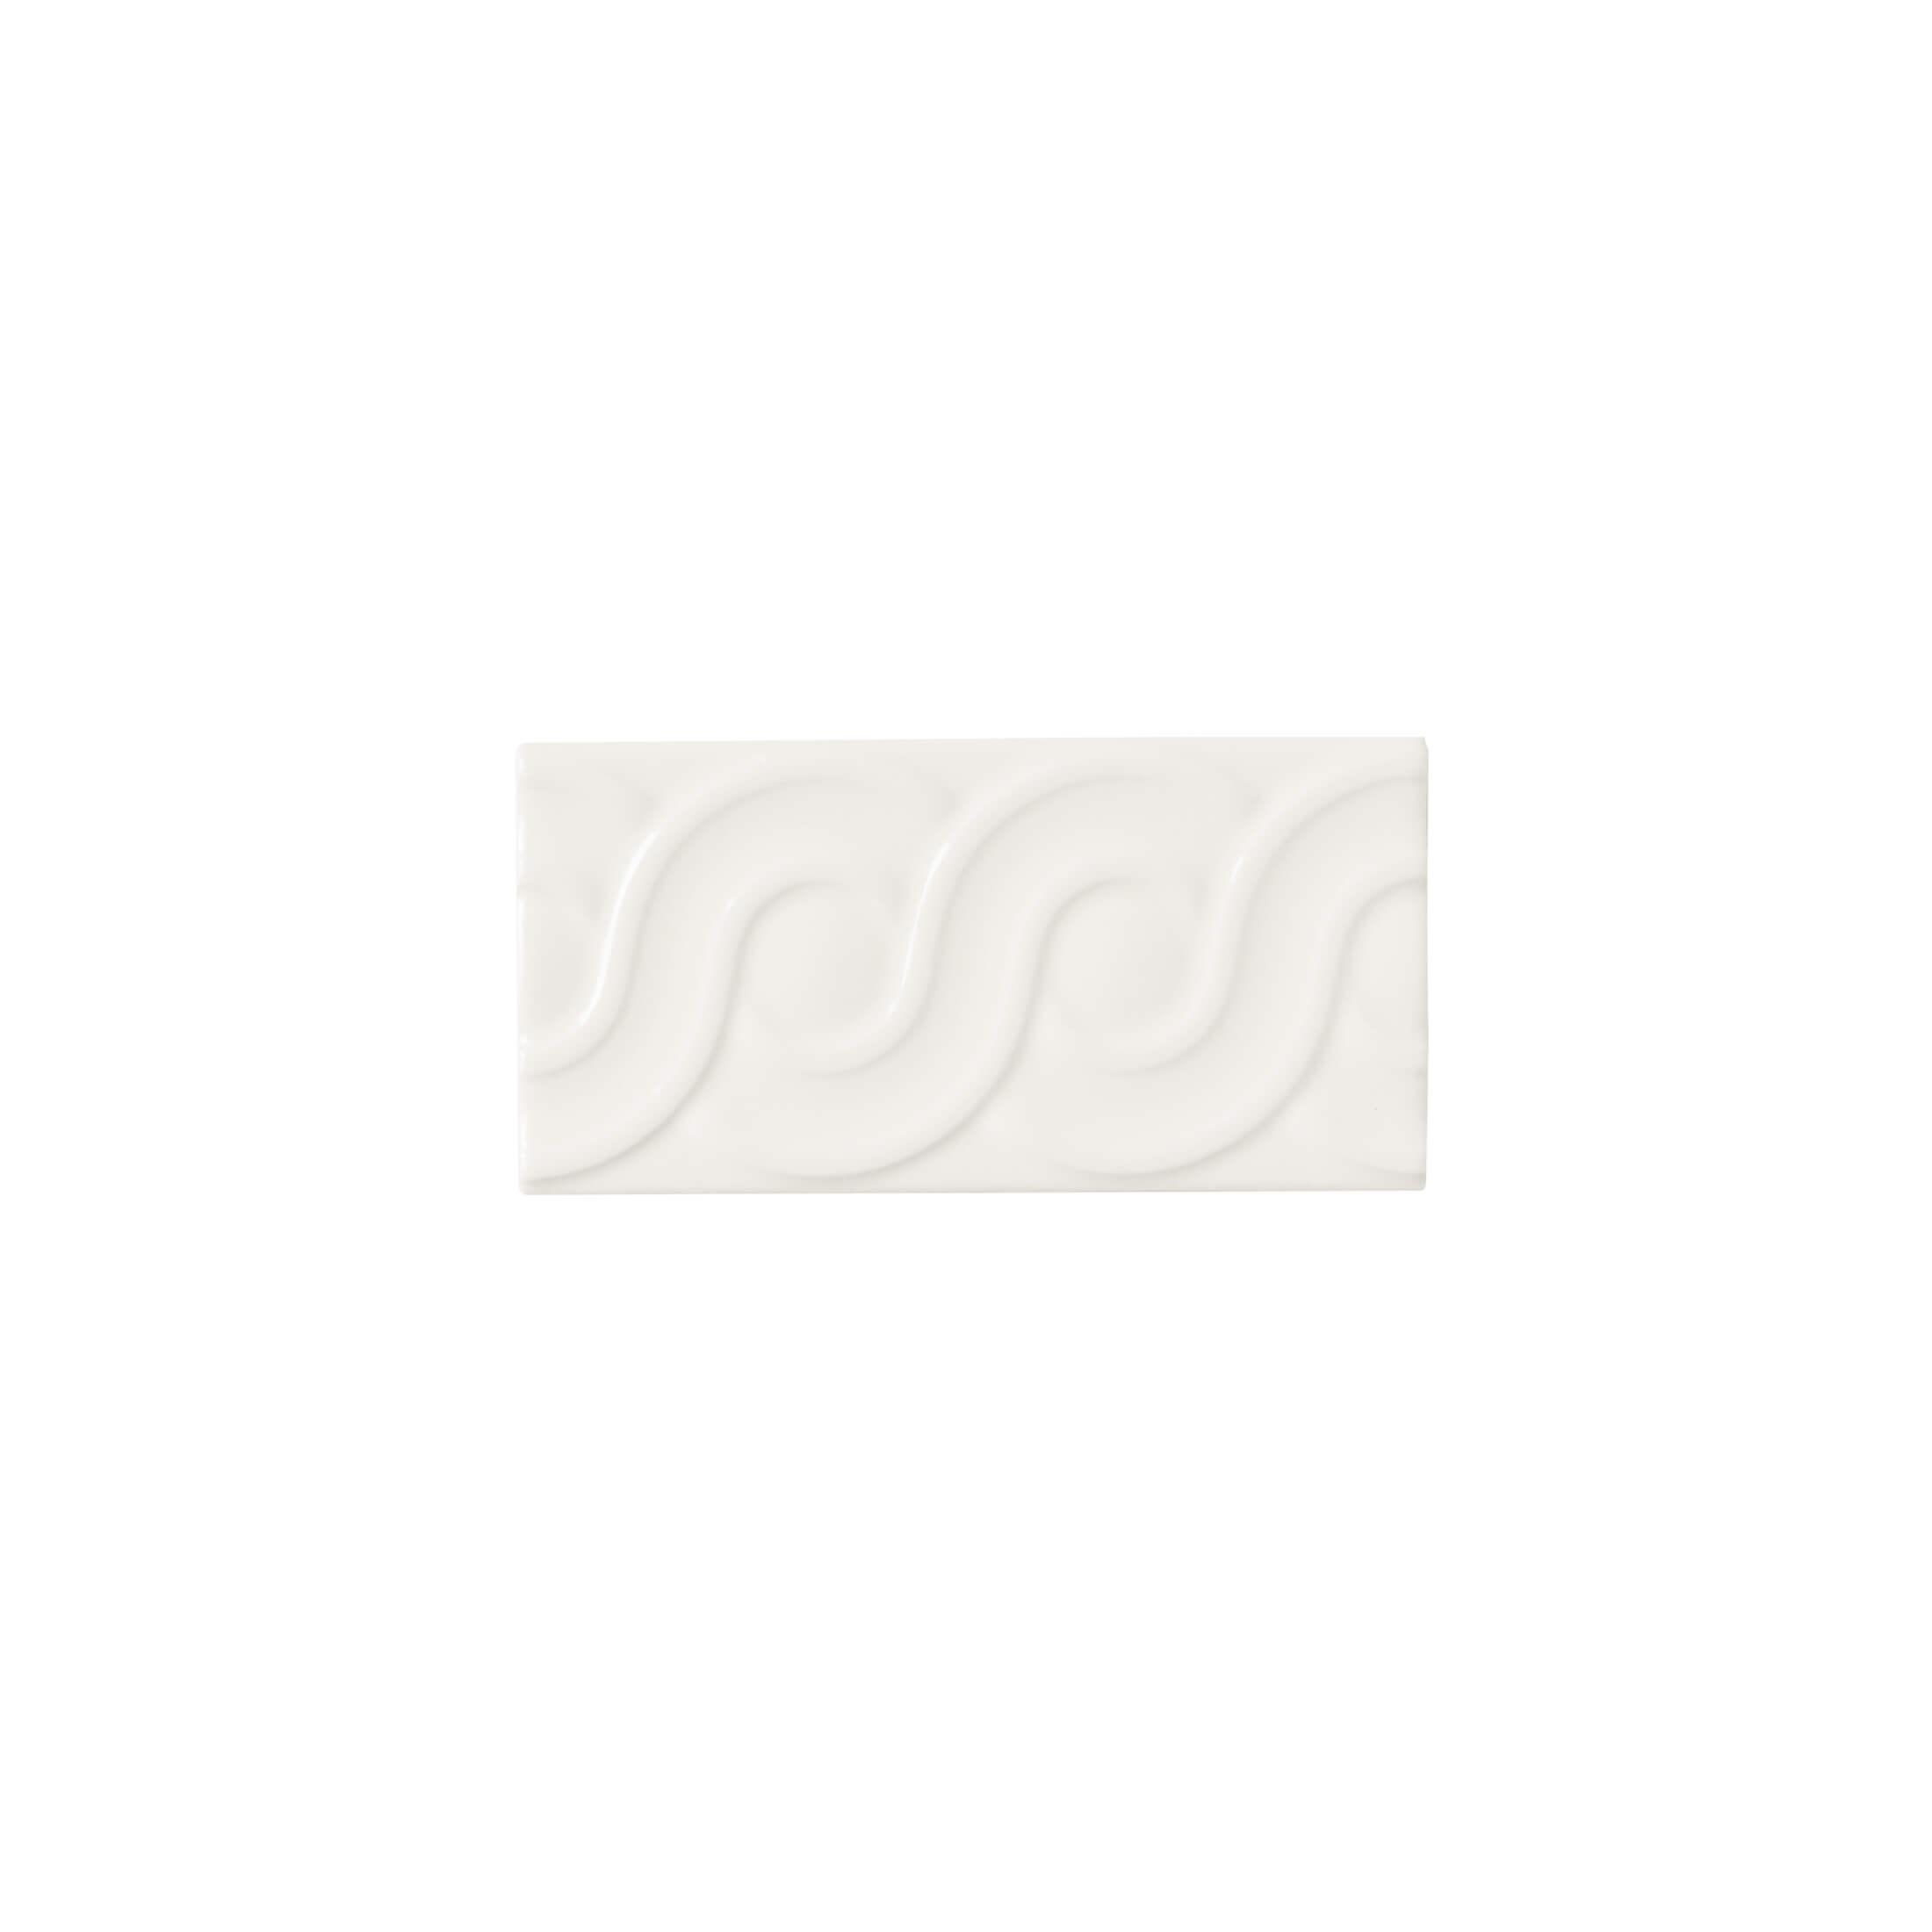 ADNE4114 - RELIEVE CLASICO - 7.5 cm X 15 cm